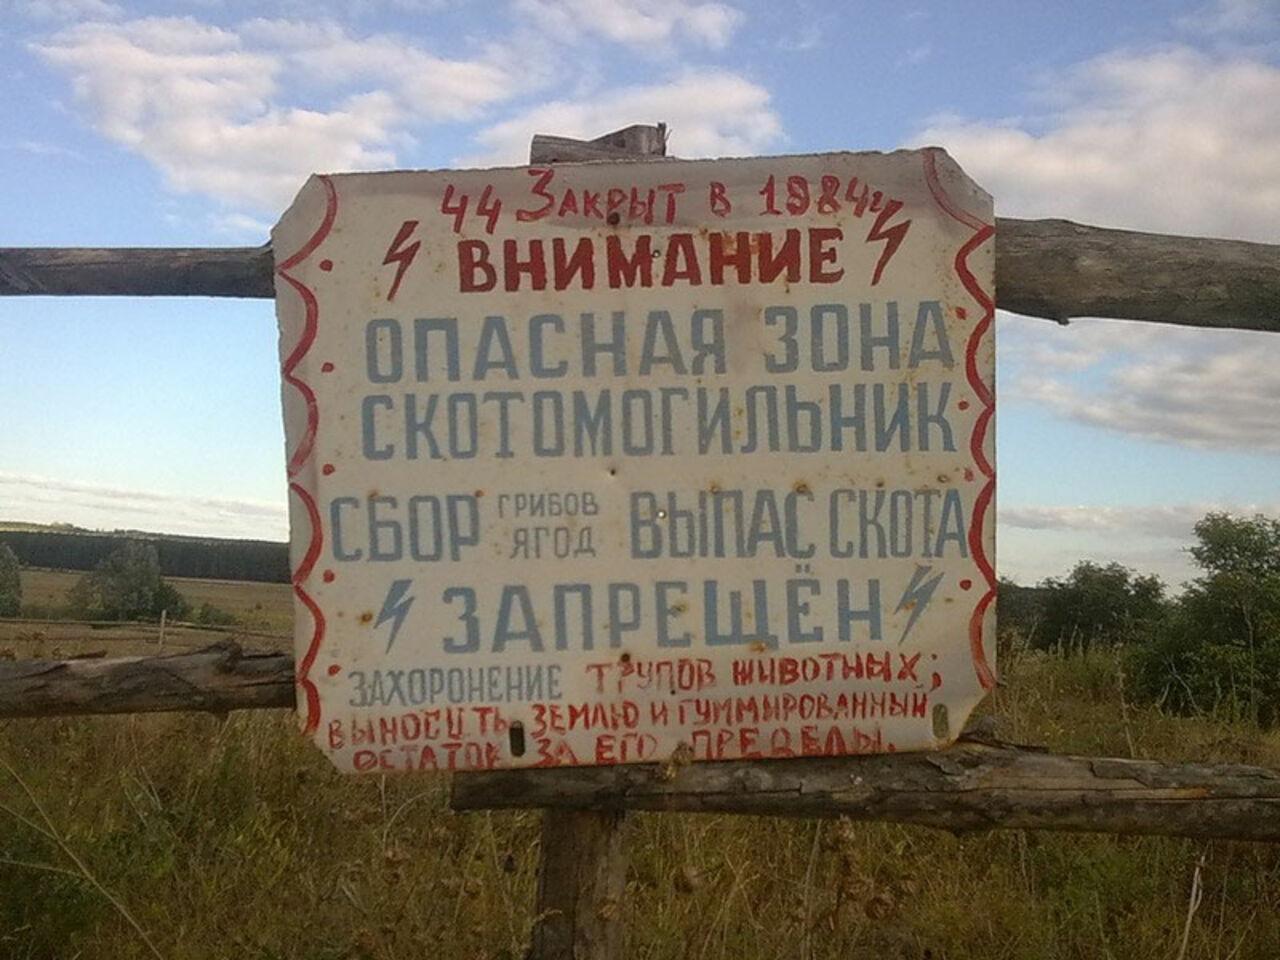 ВПрокопьевском районе отыскали нелегальные захоронения скота